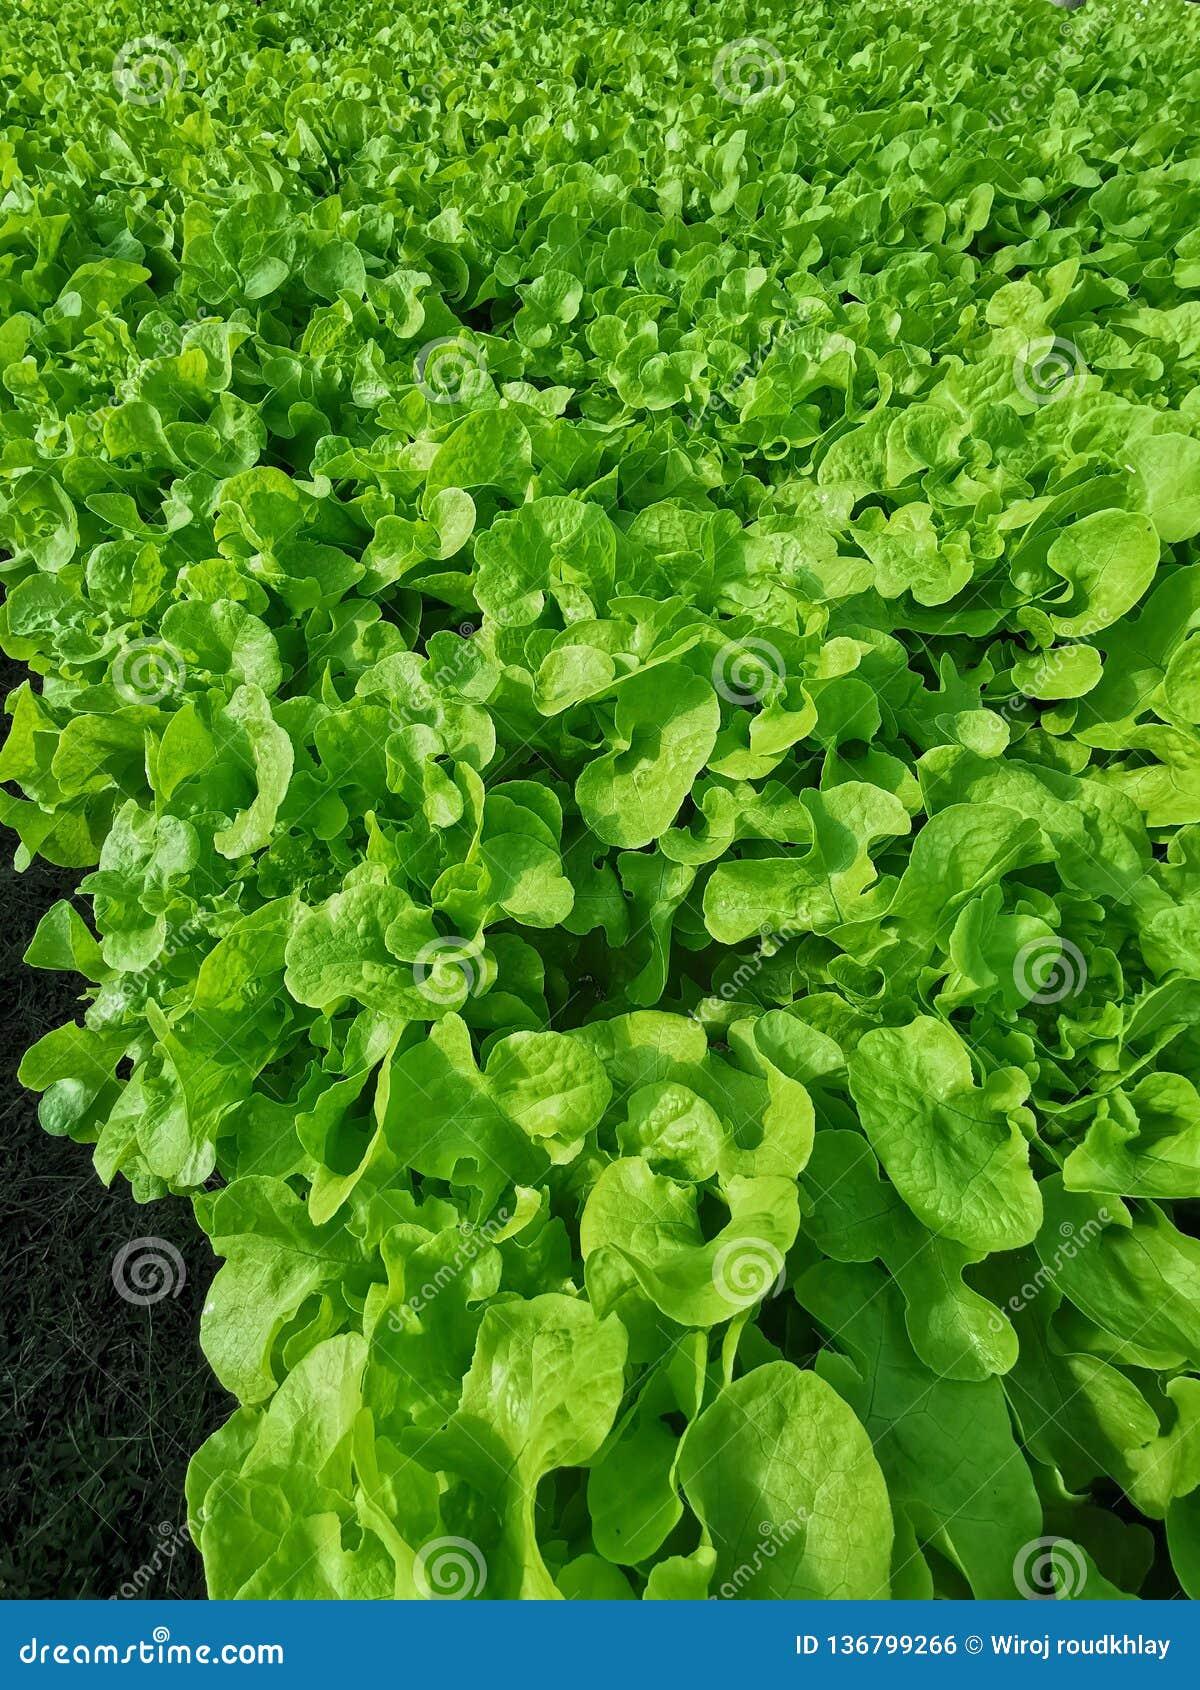 Groene sla, Rode eiken, groene eik, frilliceijsberg, cultuur hydroponic†landbouwbedrijf ‹ groene groente in de markt van de lan